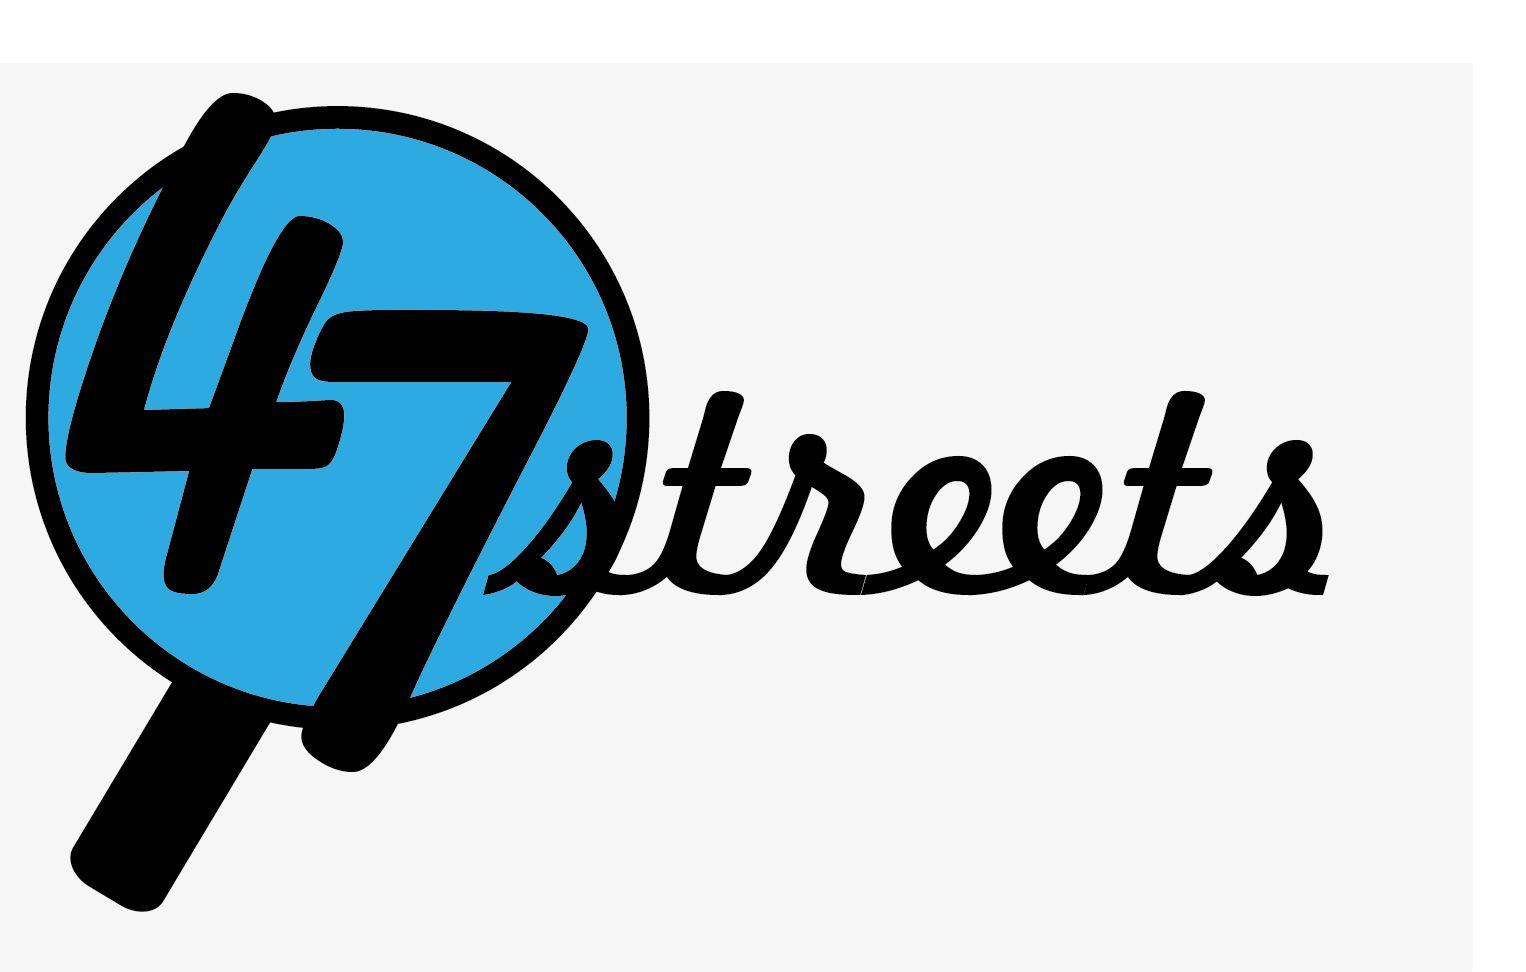 Разработка логотипа студии веб-разработки - дизайнер ABobrovskaya